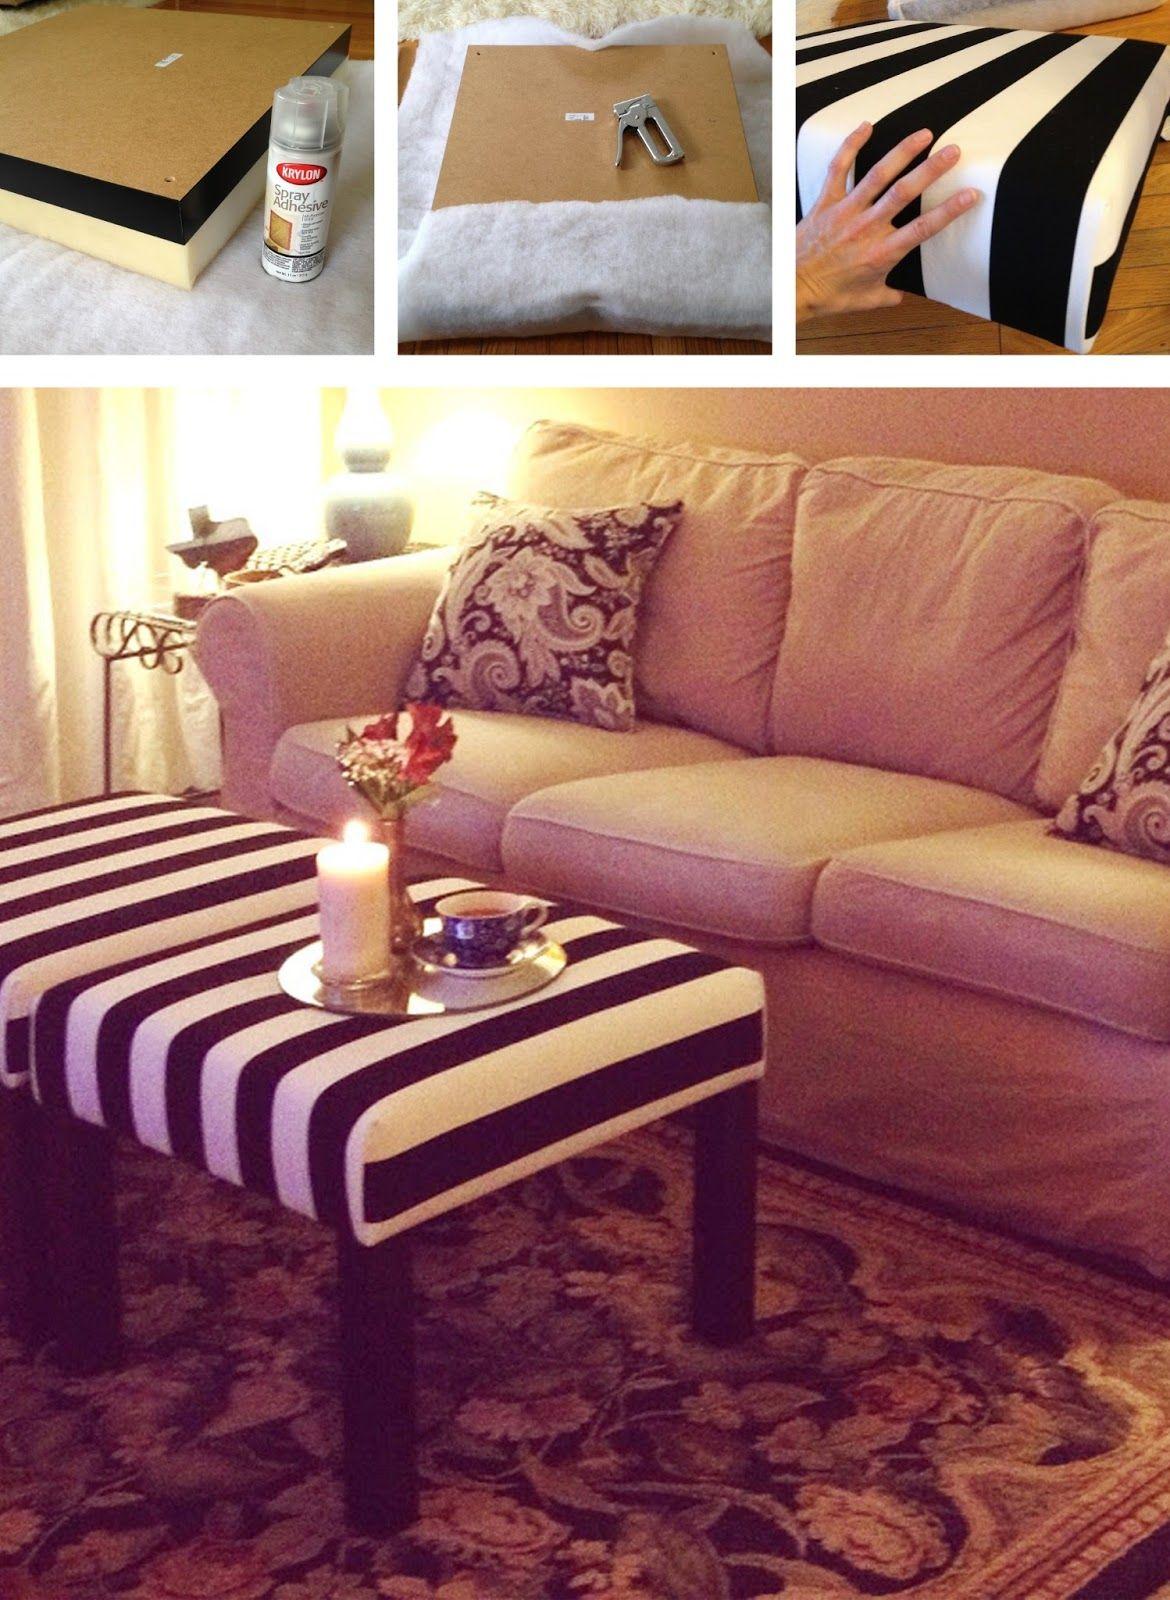 Ikea Hacker - Decora tu mesa lack | Muebles diy | Pinterest | Ikea ...